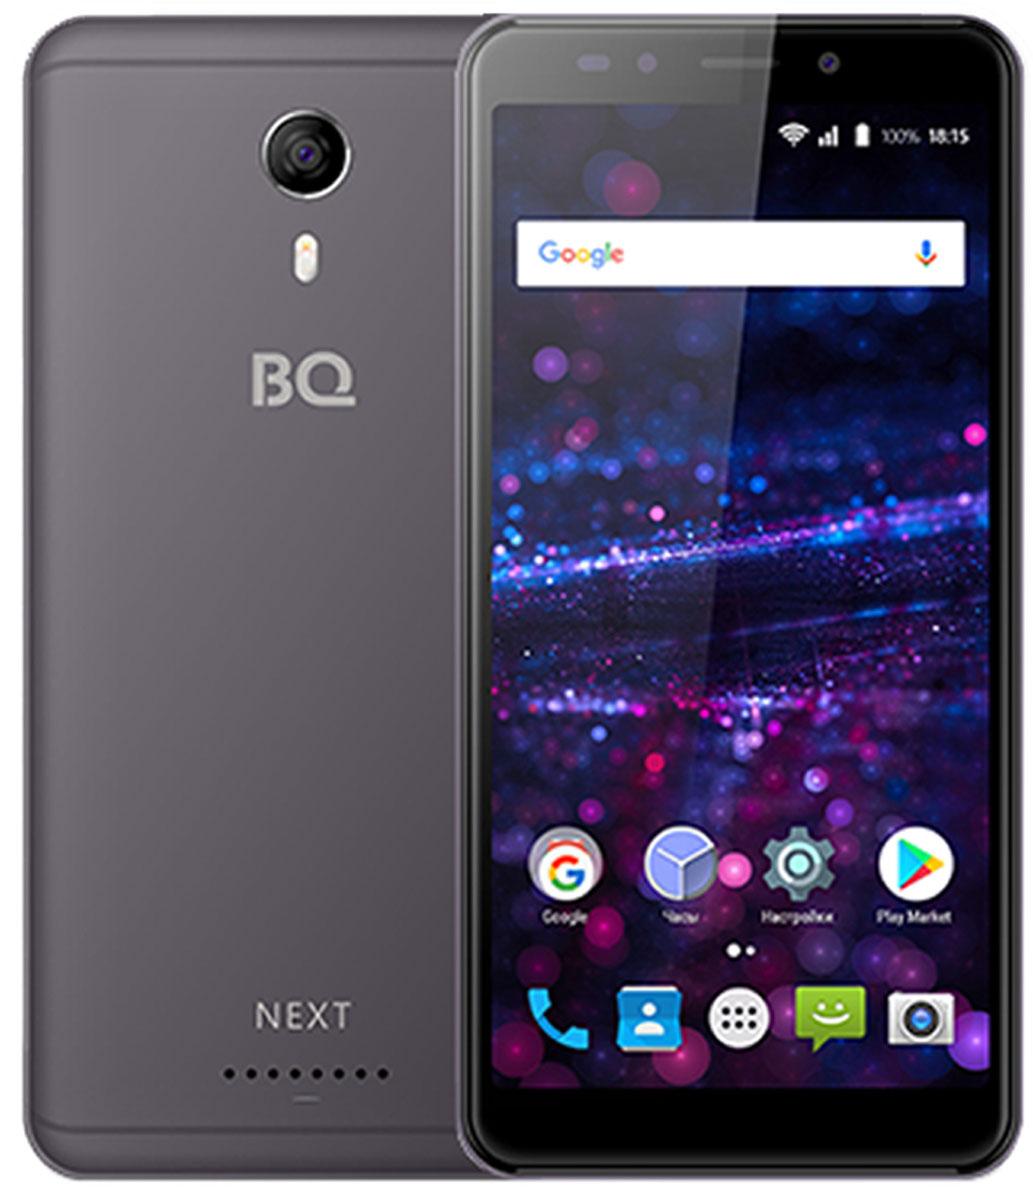 Смартфон BQ Mobile 5522 Next 8 GB, серый смартфон bq 5522 next